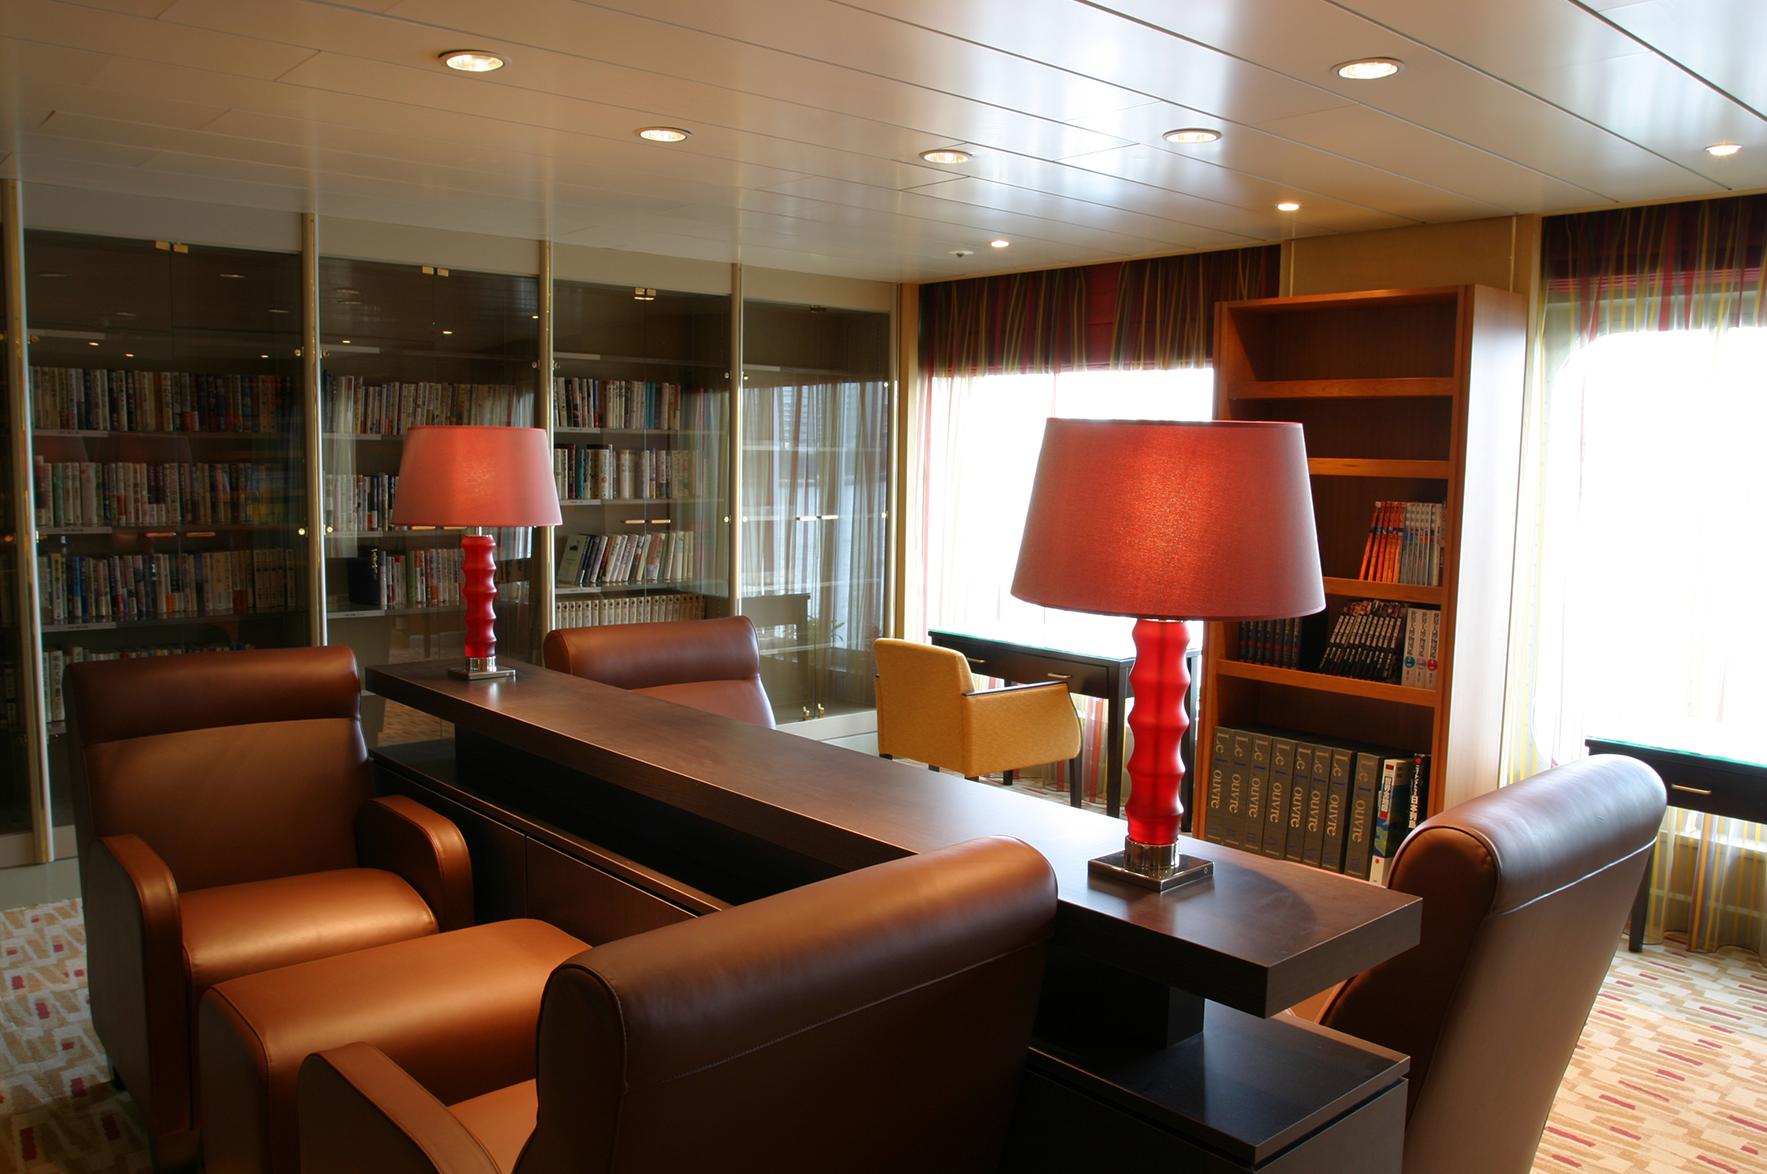 幅広いジャンルをそろえた静かな図書室